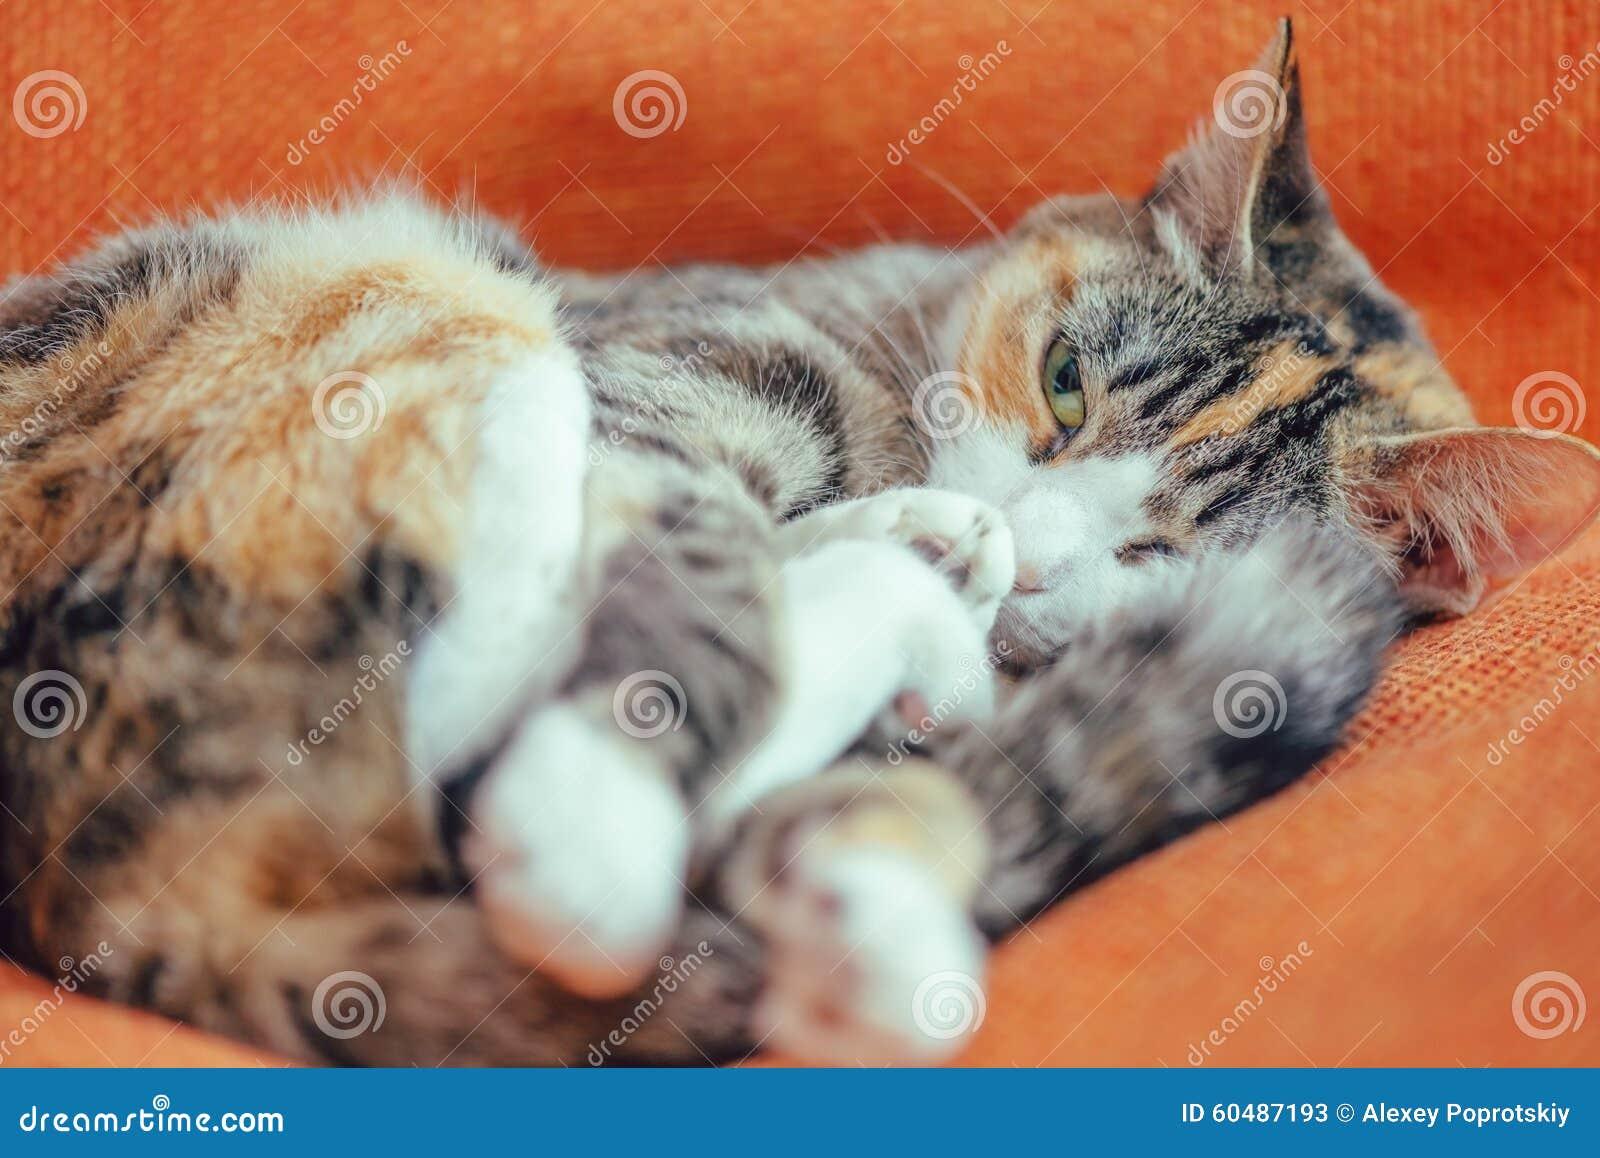 Cute cat of tortoiseshell color